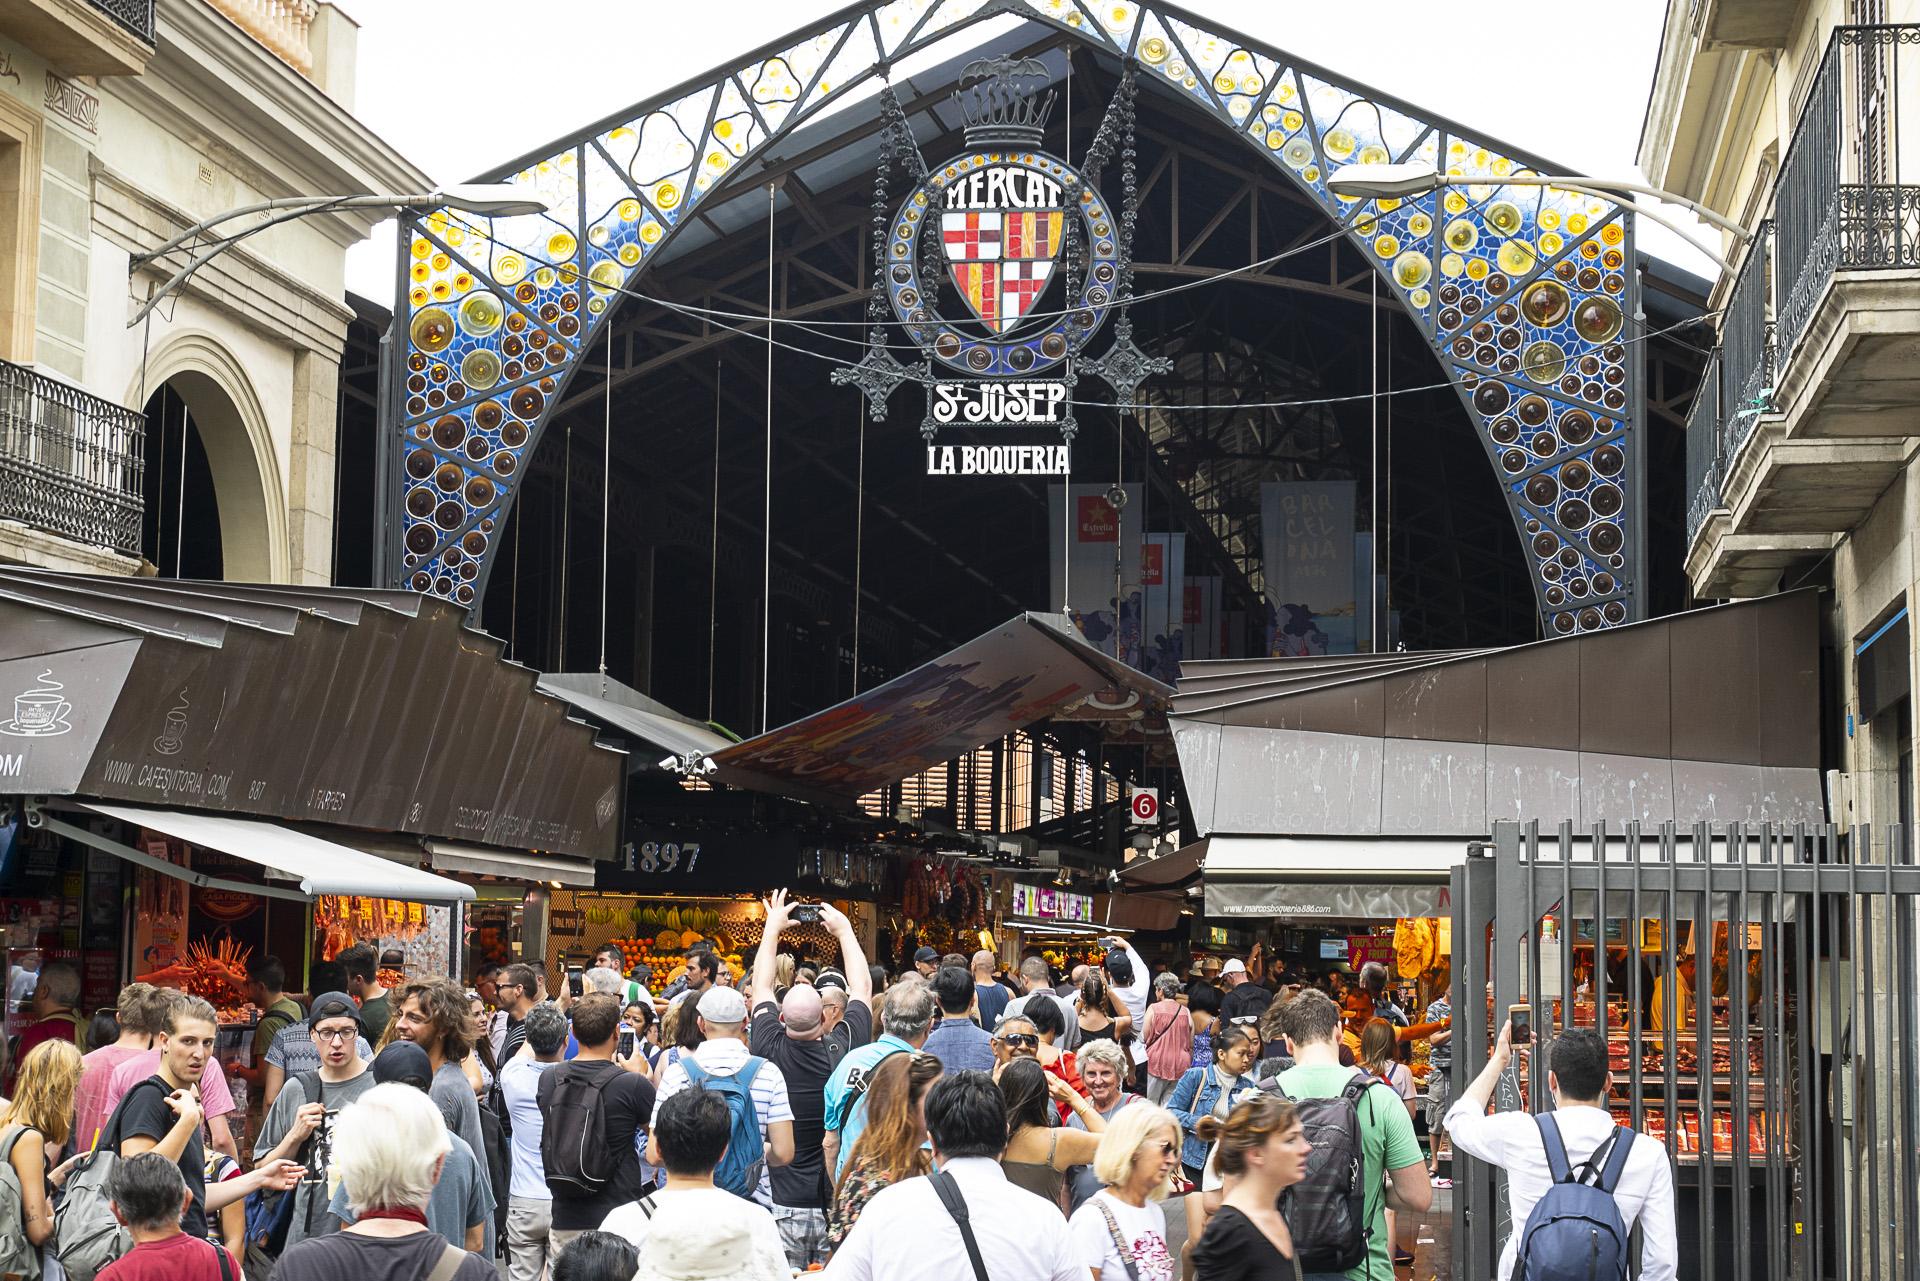 La Boqueria market, craziness in the middle of Barcelona.